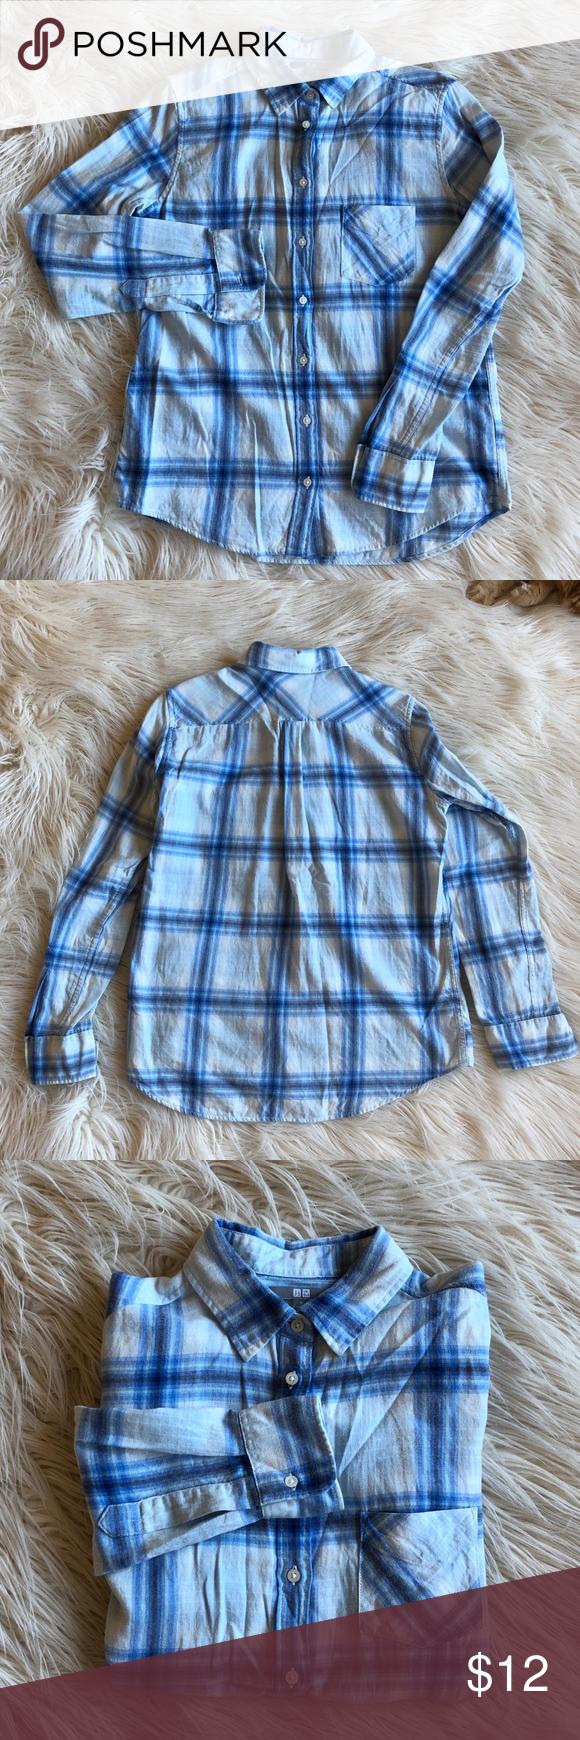 Uniqlo flannel jacket  Uniqlo Flannel Shirt in Blue and White  Uniqlo Flannel shirts and